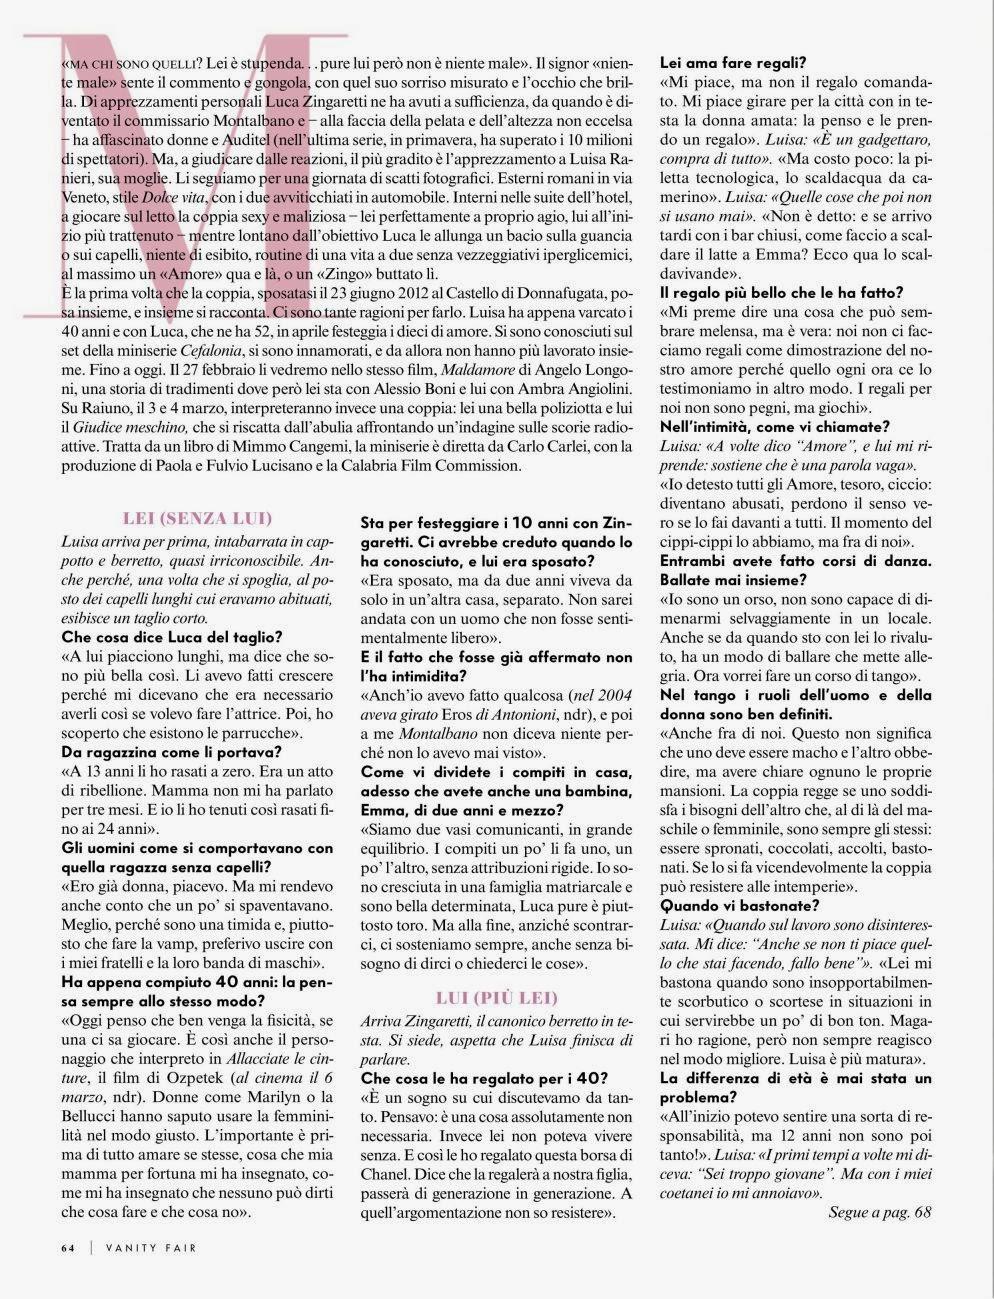 Othilia Simon HQ Pictures Numero France Magzine Photoshoot February 2014